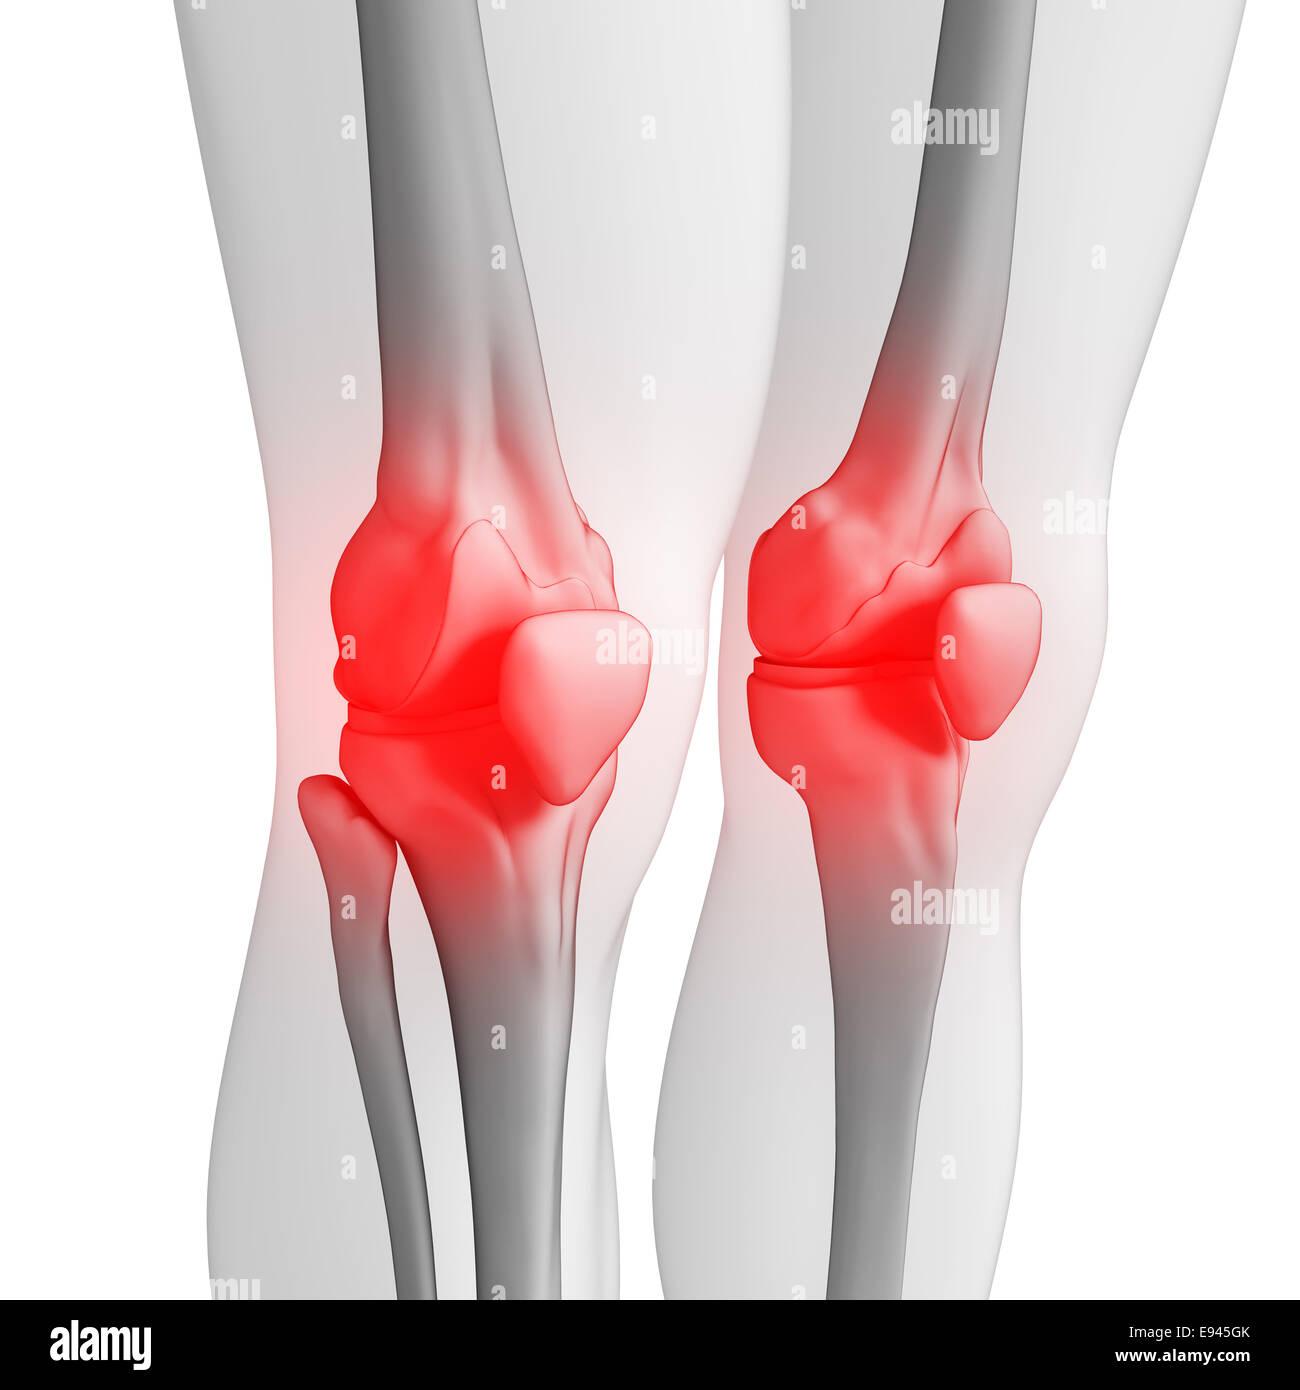 Illustration des menschlichen Knie Schmerzen Kunstwerk Stockfoto